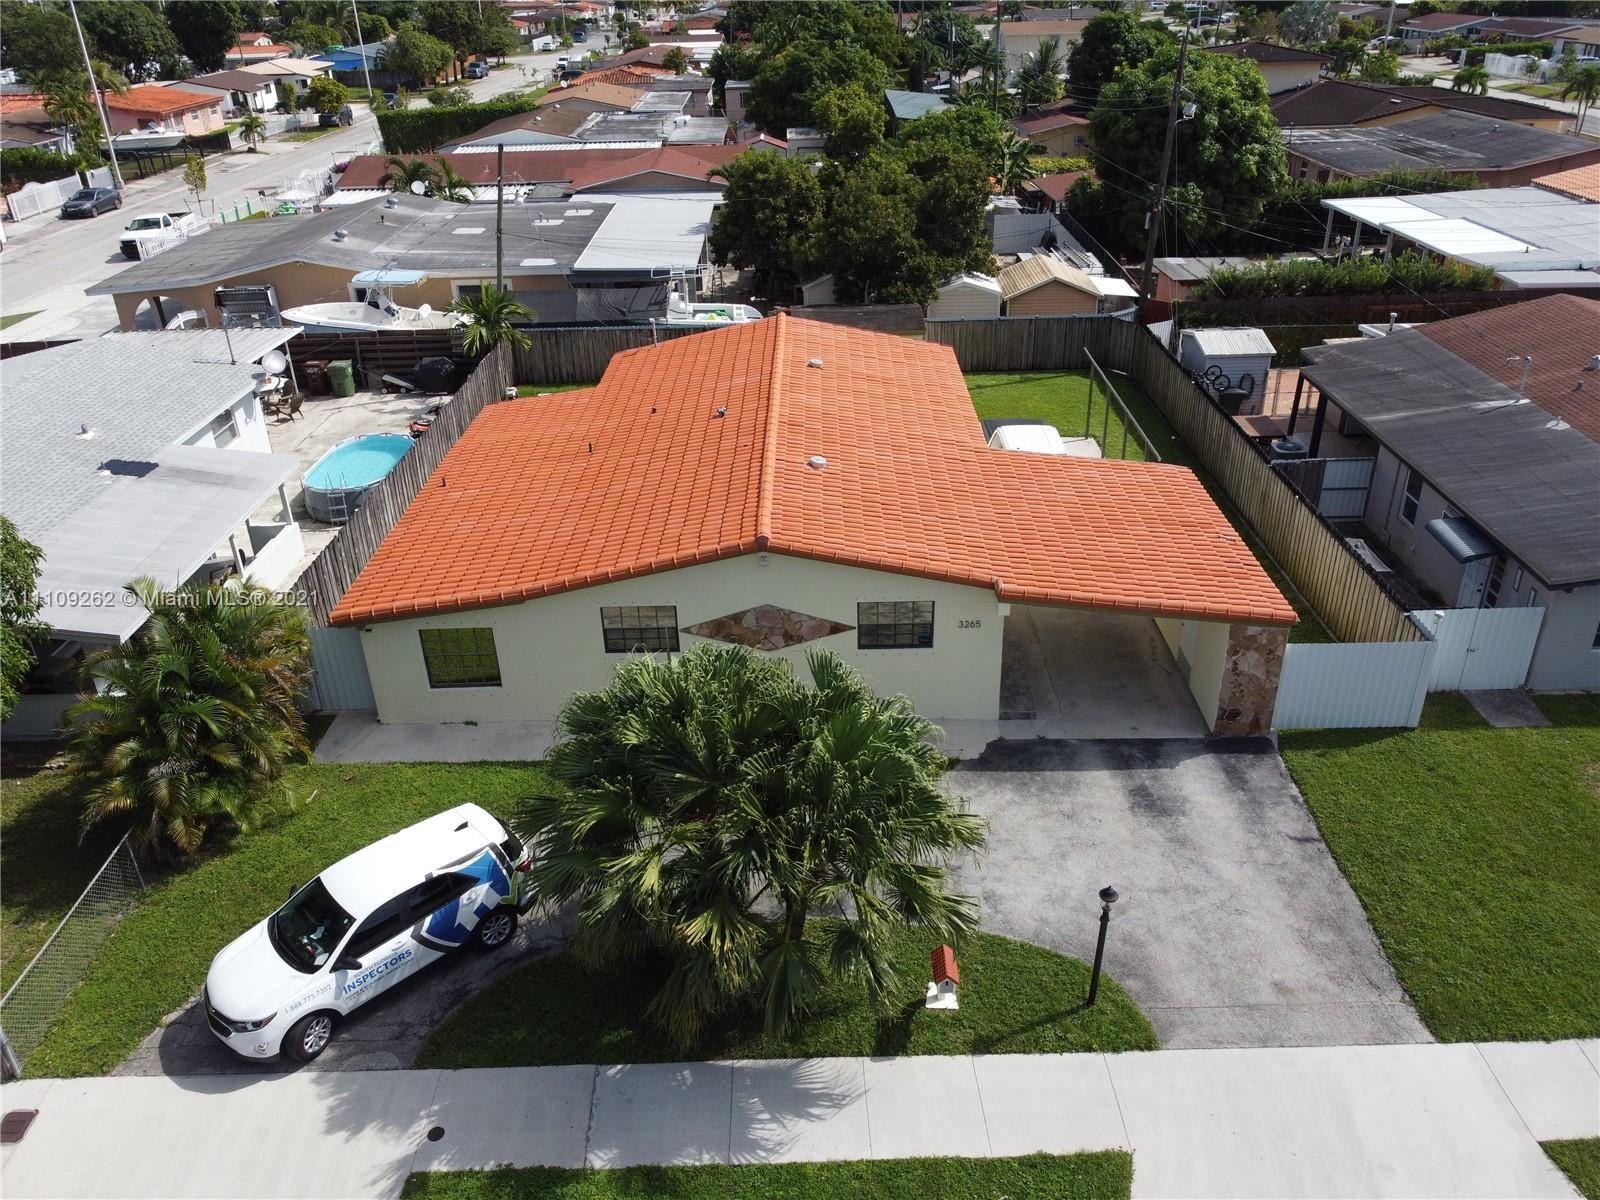 3265 W 14th Ave, Hialeah, FL 33012 - #: A11109262